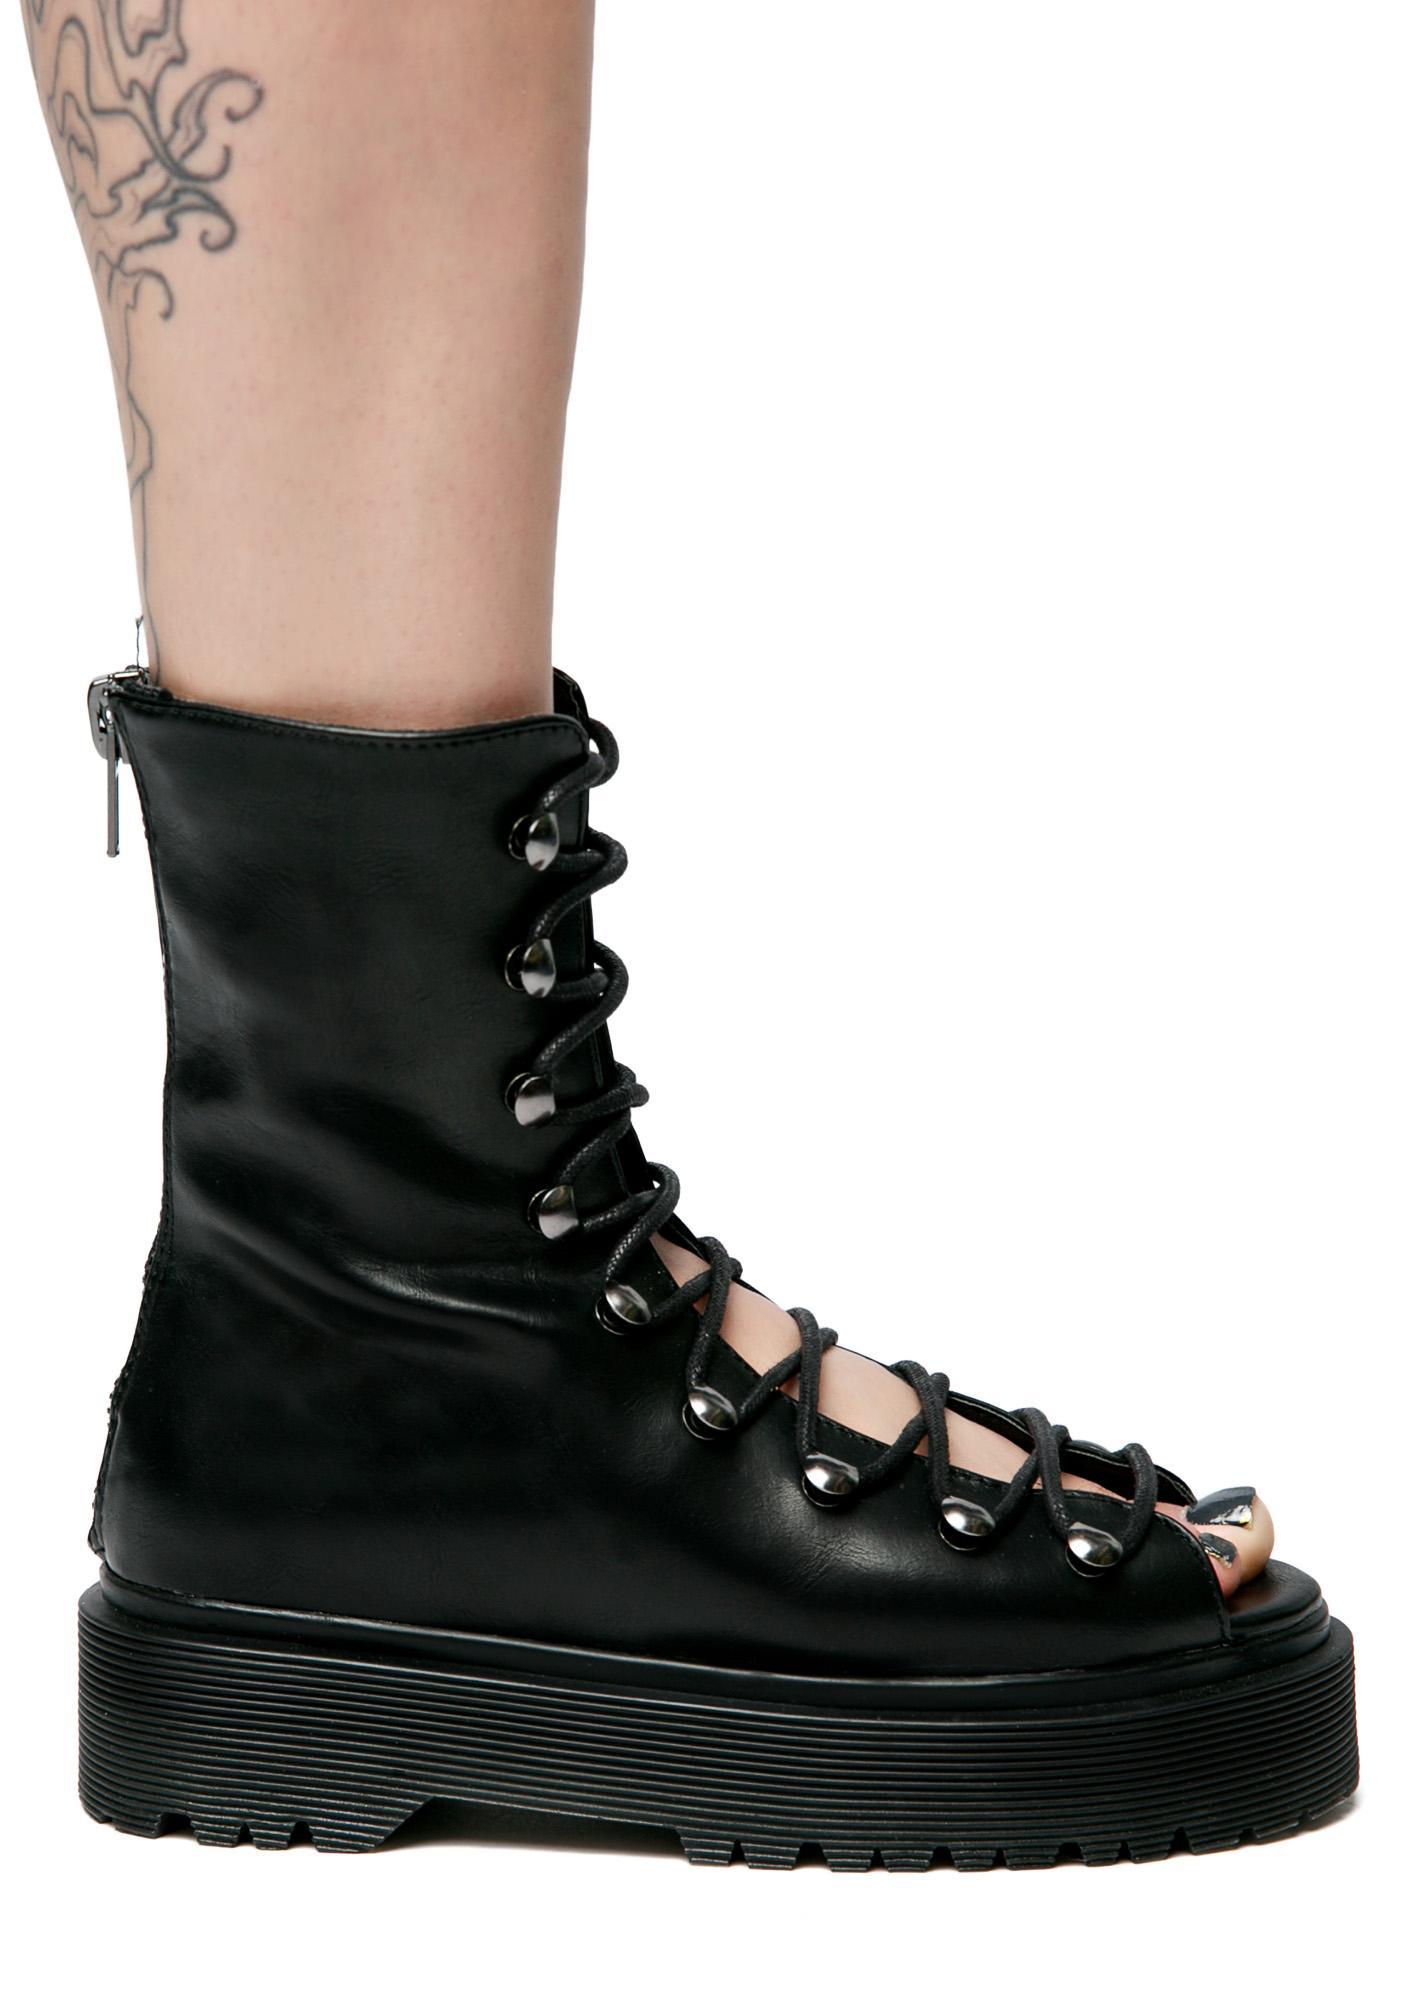 Y.R.U. Slayr Free Boots